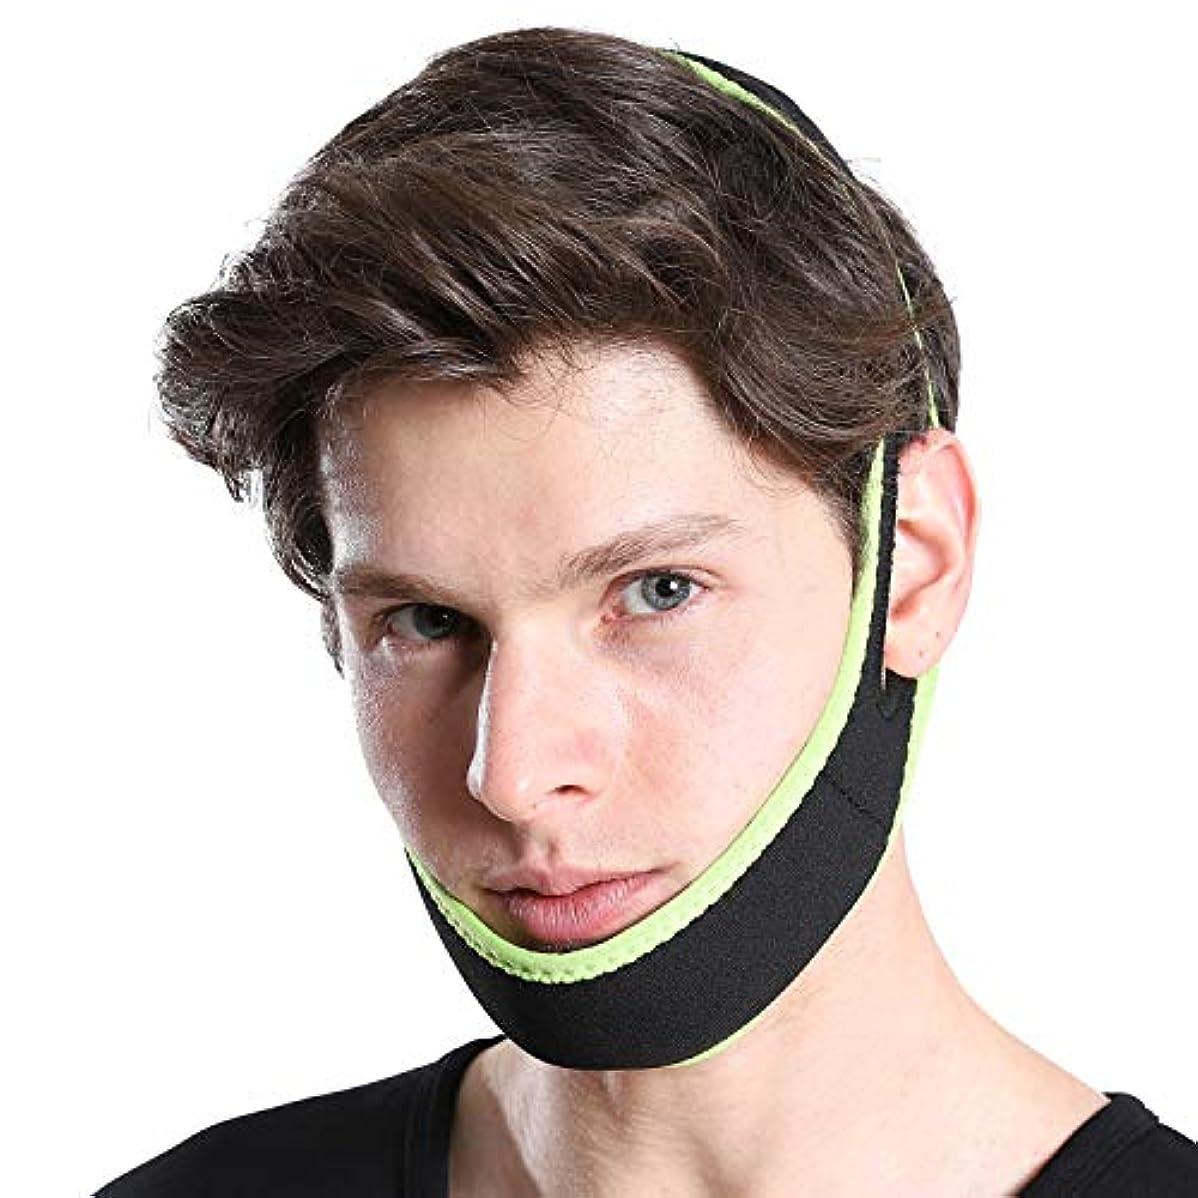 生き返らせる利用可能イタリックELPIRKA 小顔マスク メンズ ゲルマニウムチタン 配合で 顔痩せ 小顔 リフトアップ!